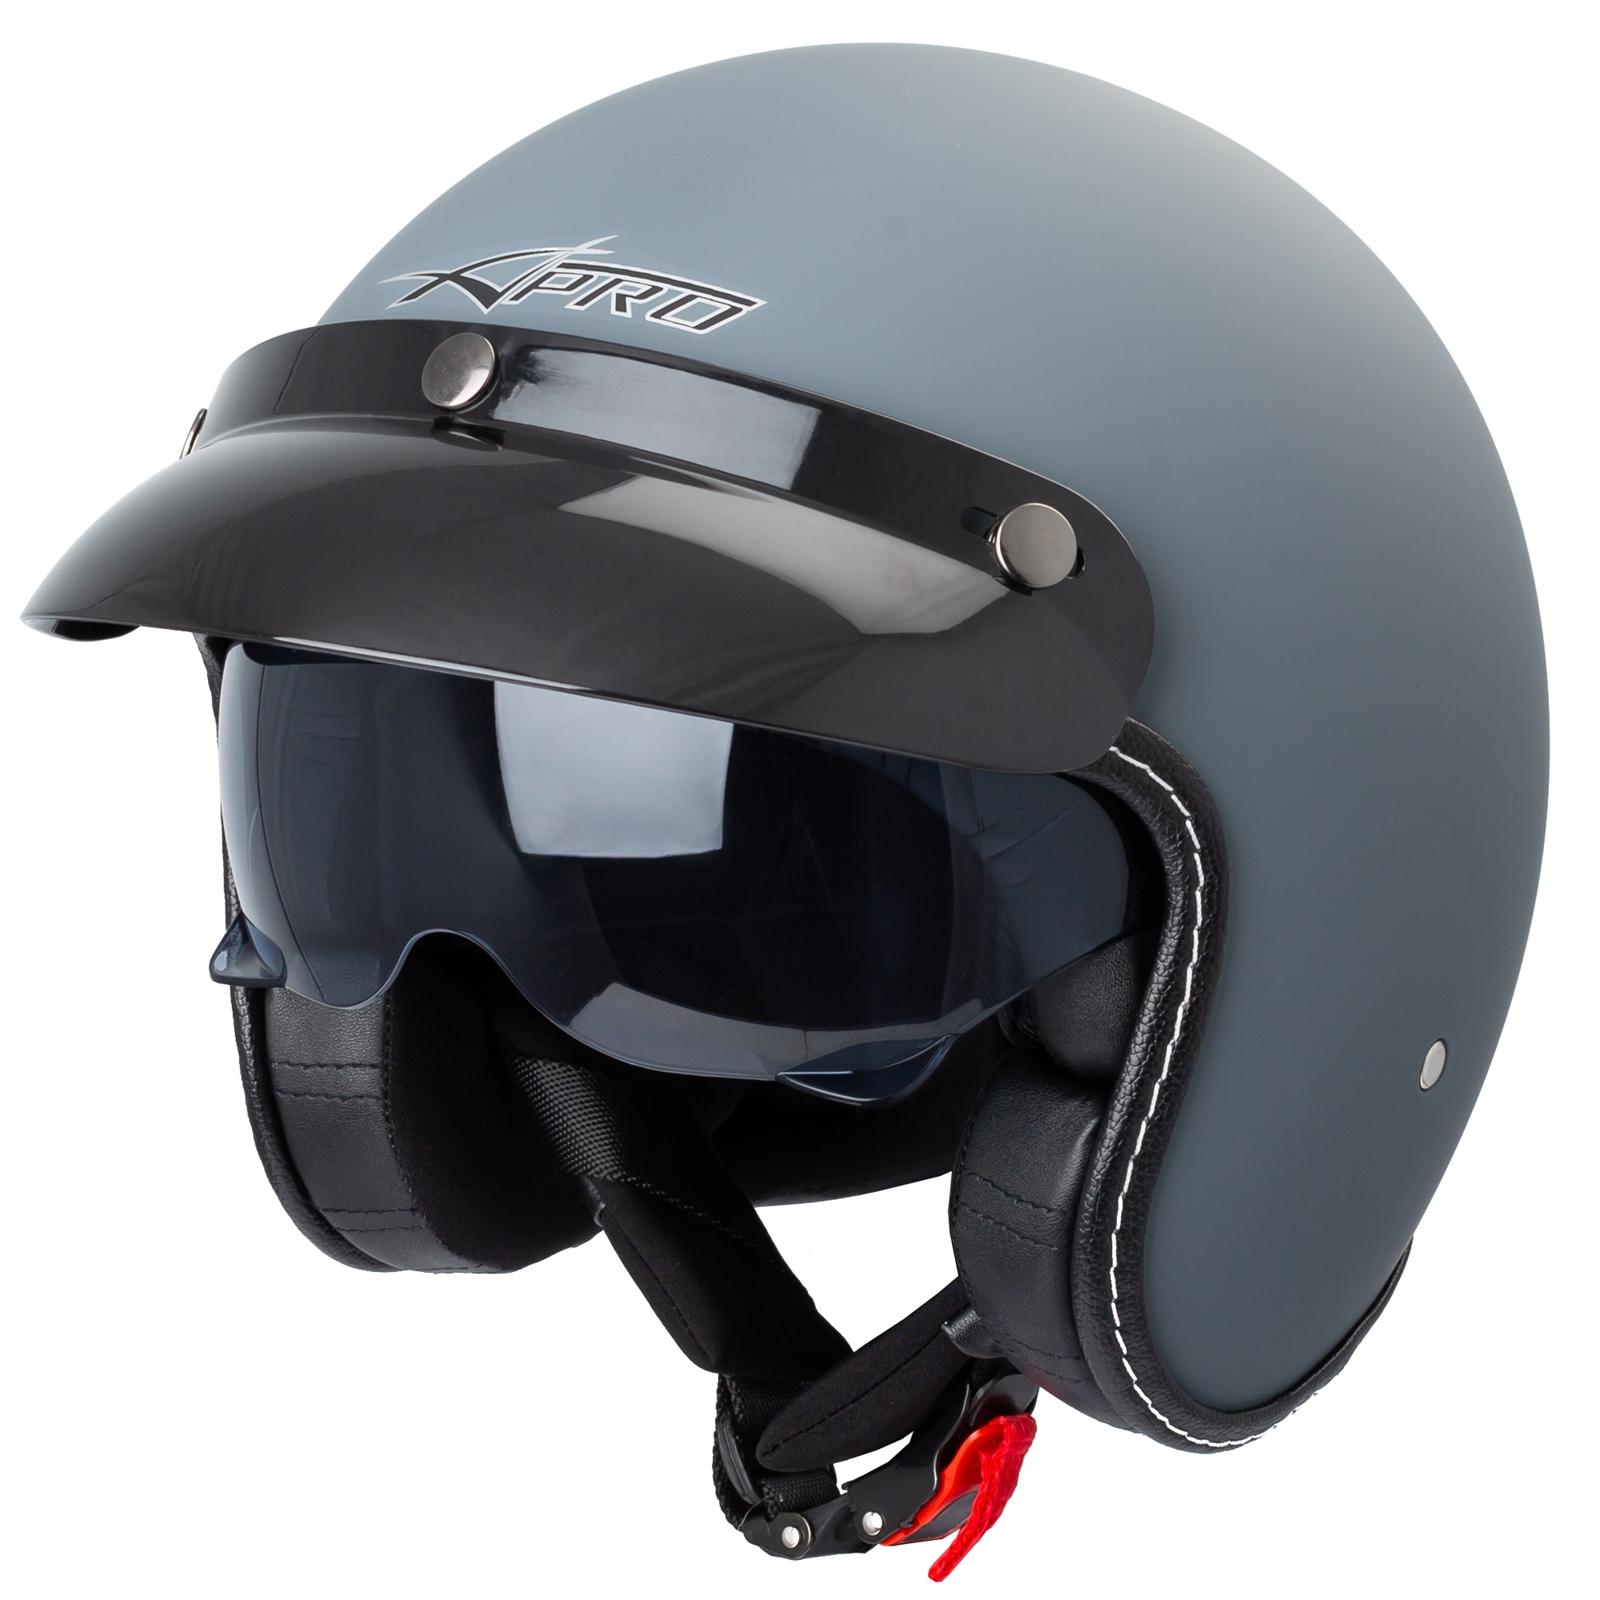 Casco-Moto-Jet-Cafe-Racer-Omologato-ECE-22-05-Parasole-scooter miniatuur 25